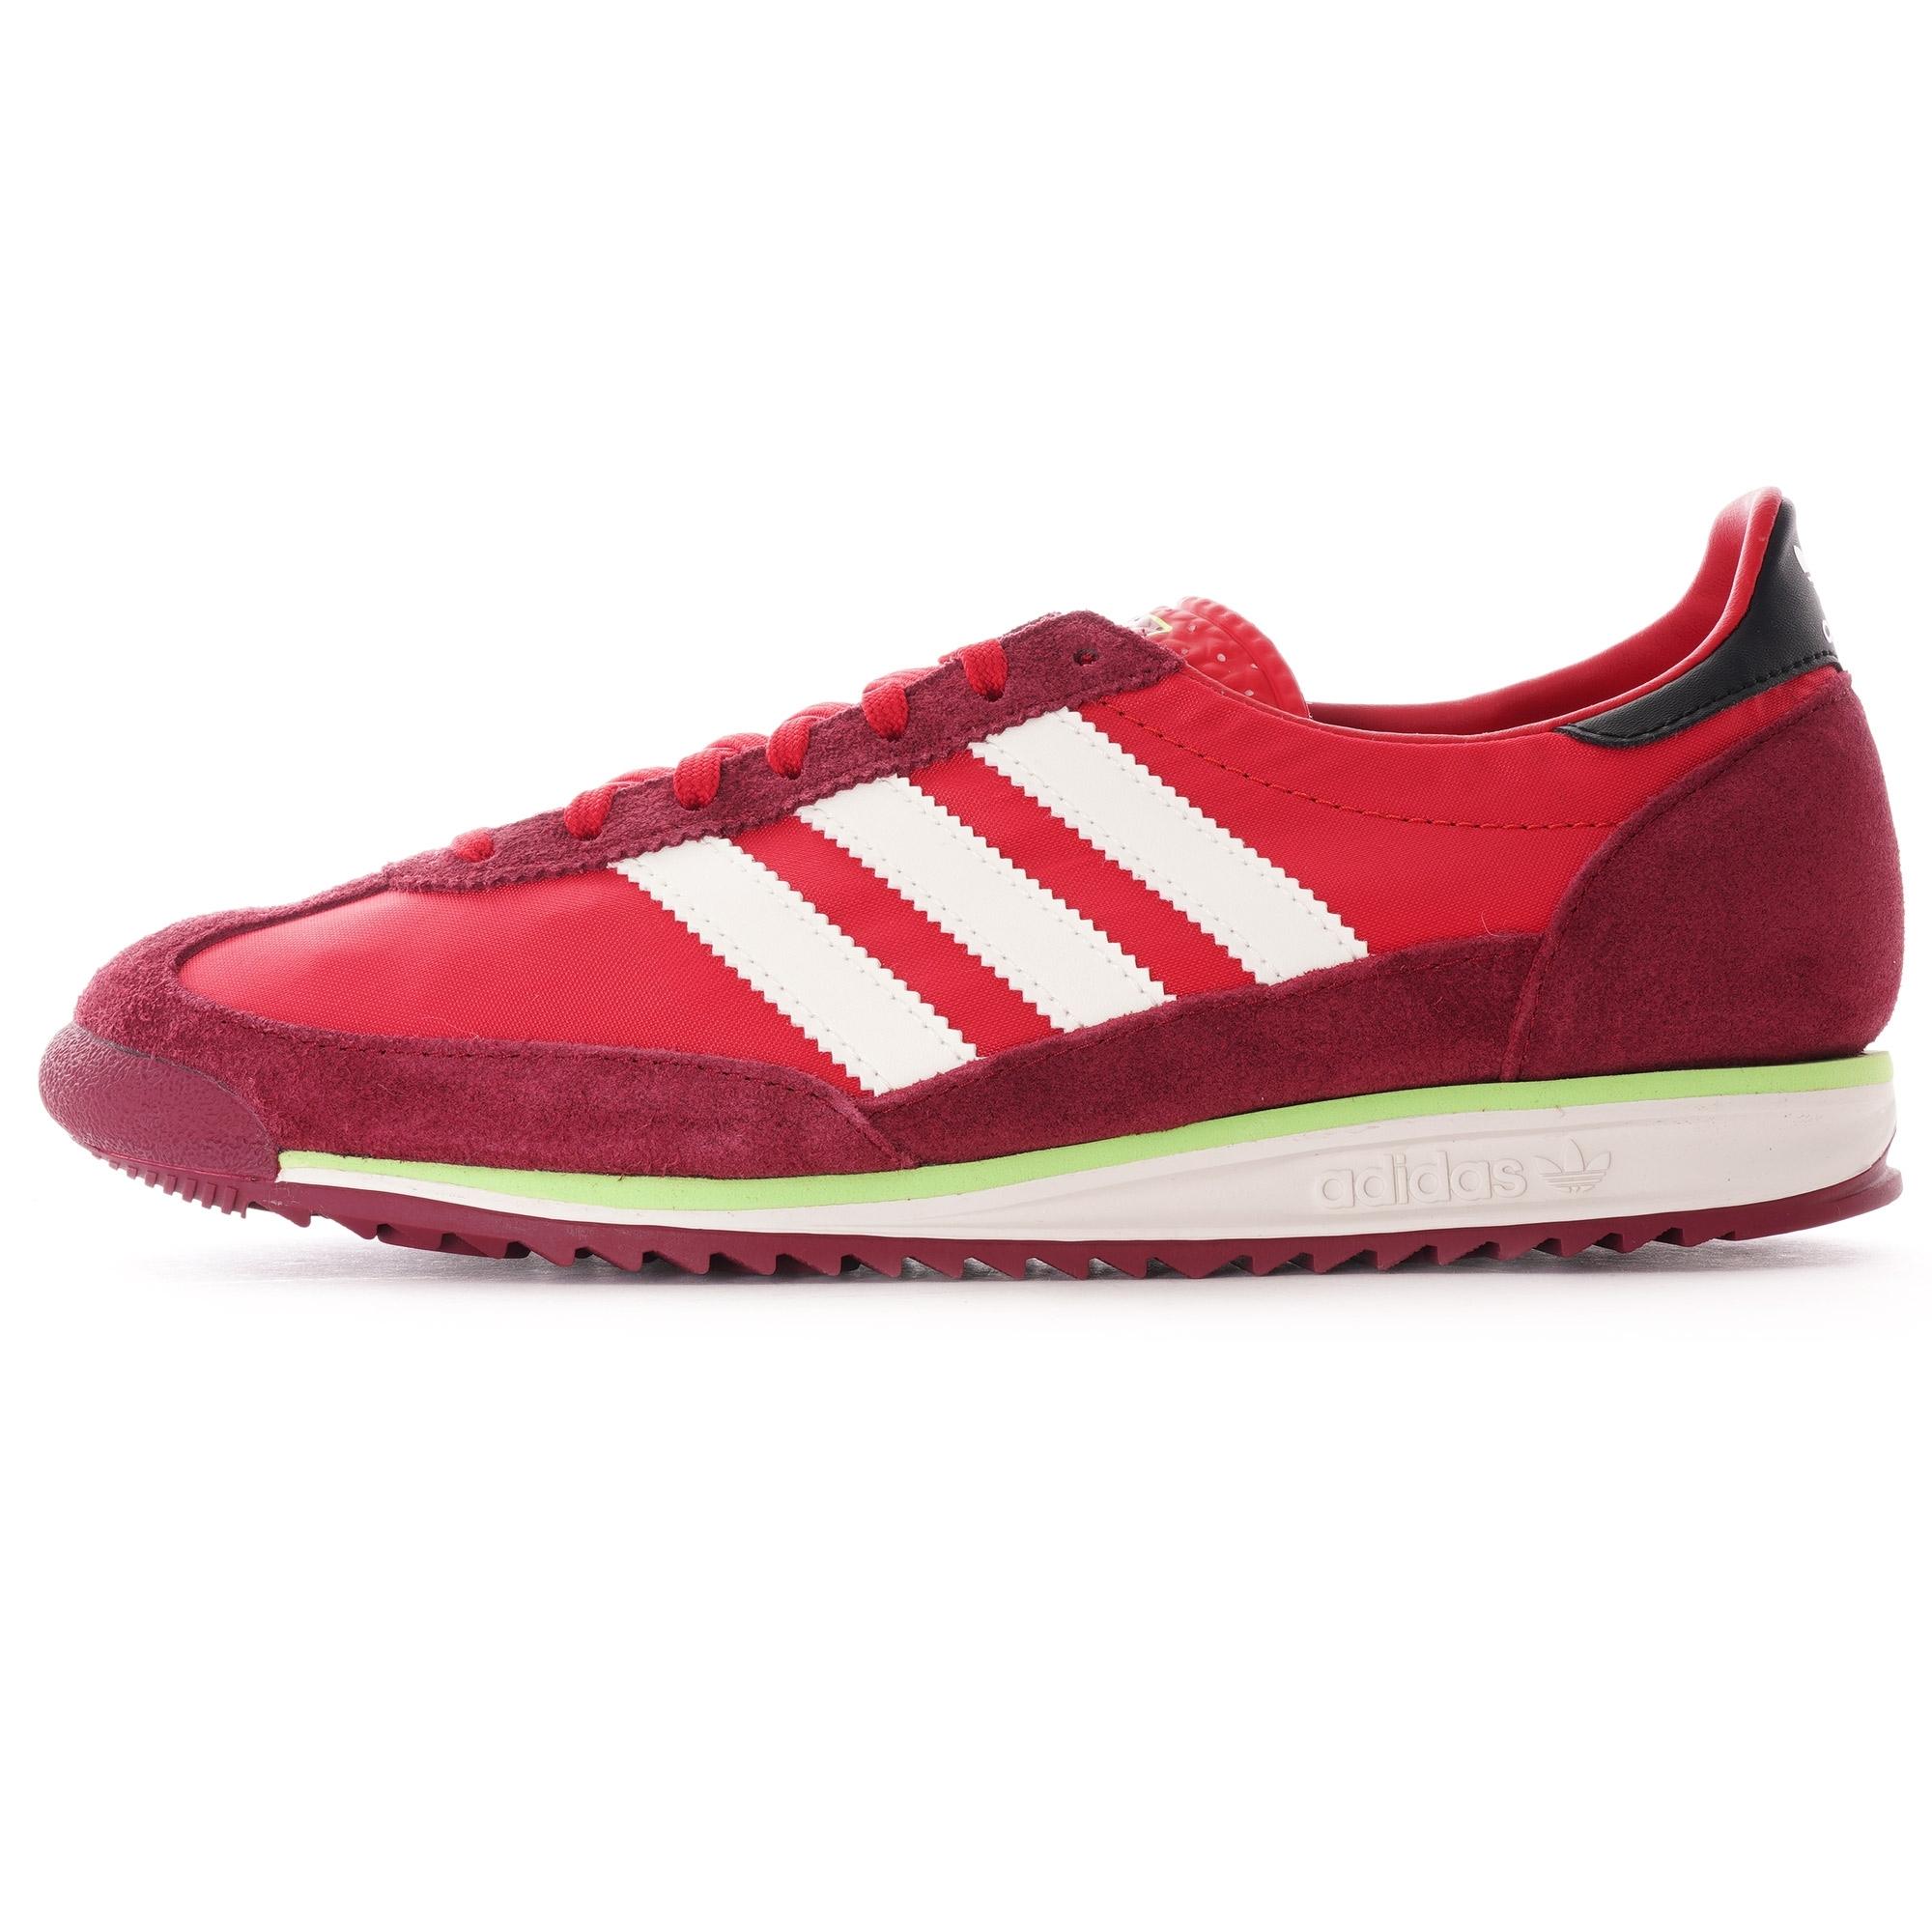 Adidas Originals SL-72 - Scarlet Red